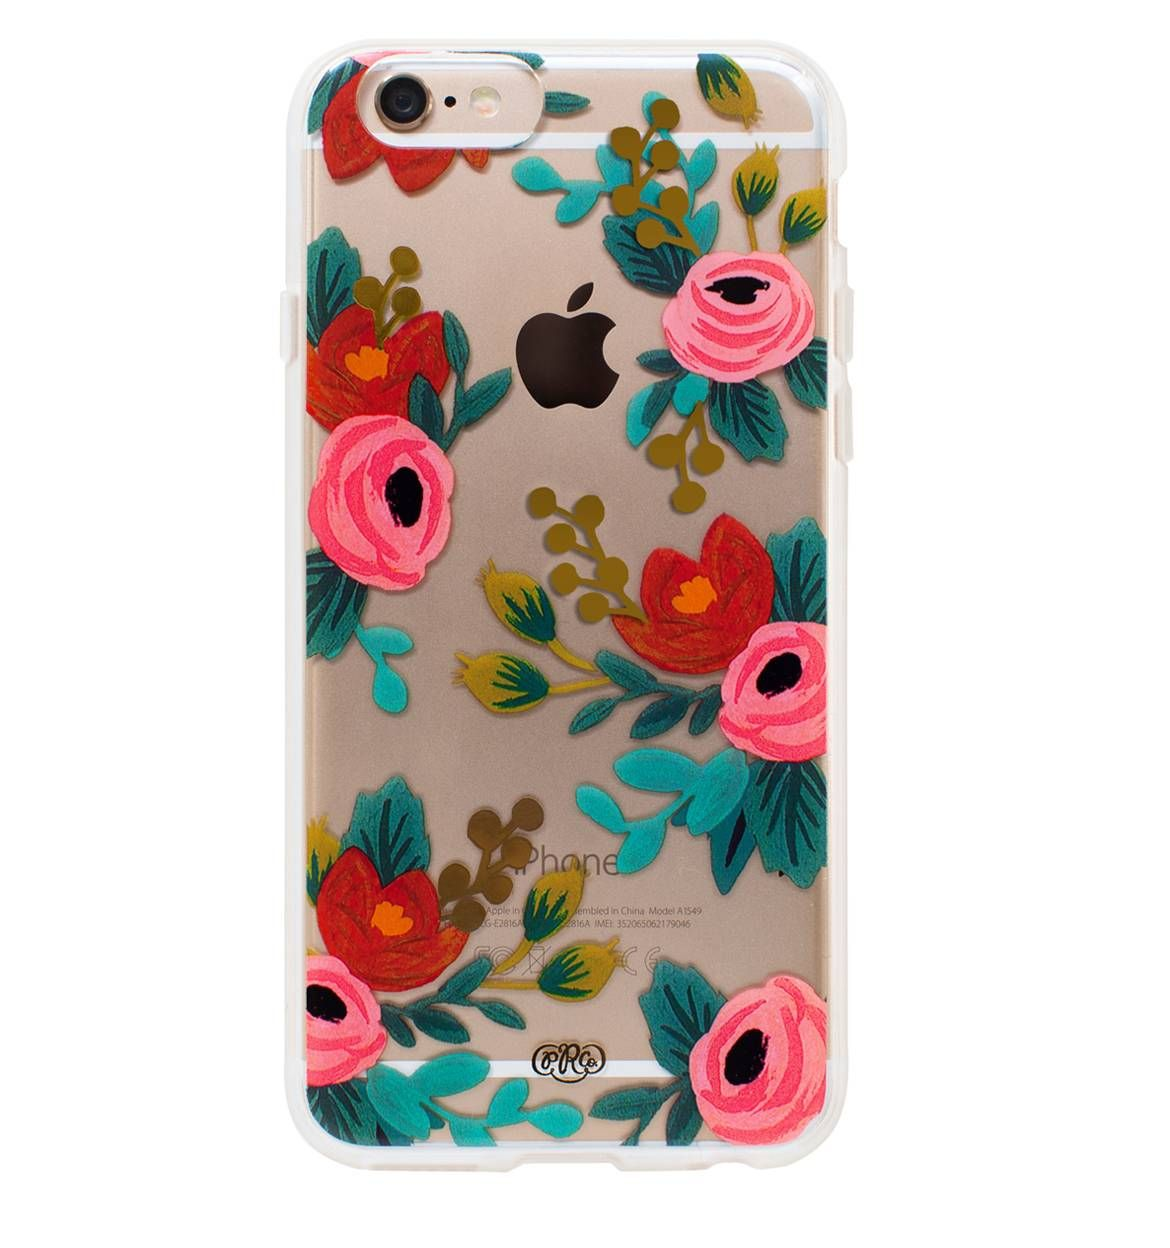 iphone 6 iphone case